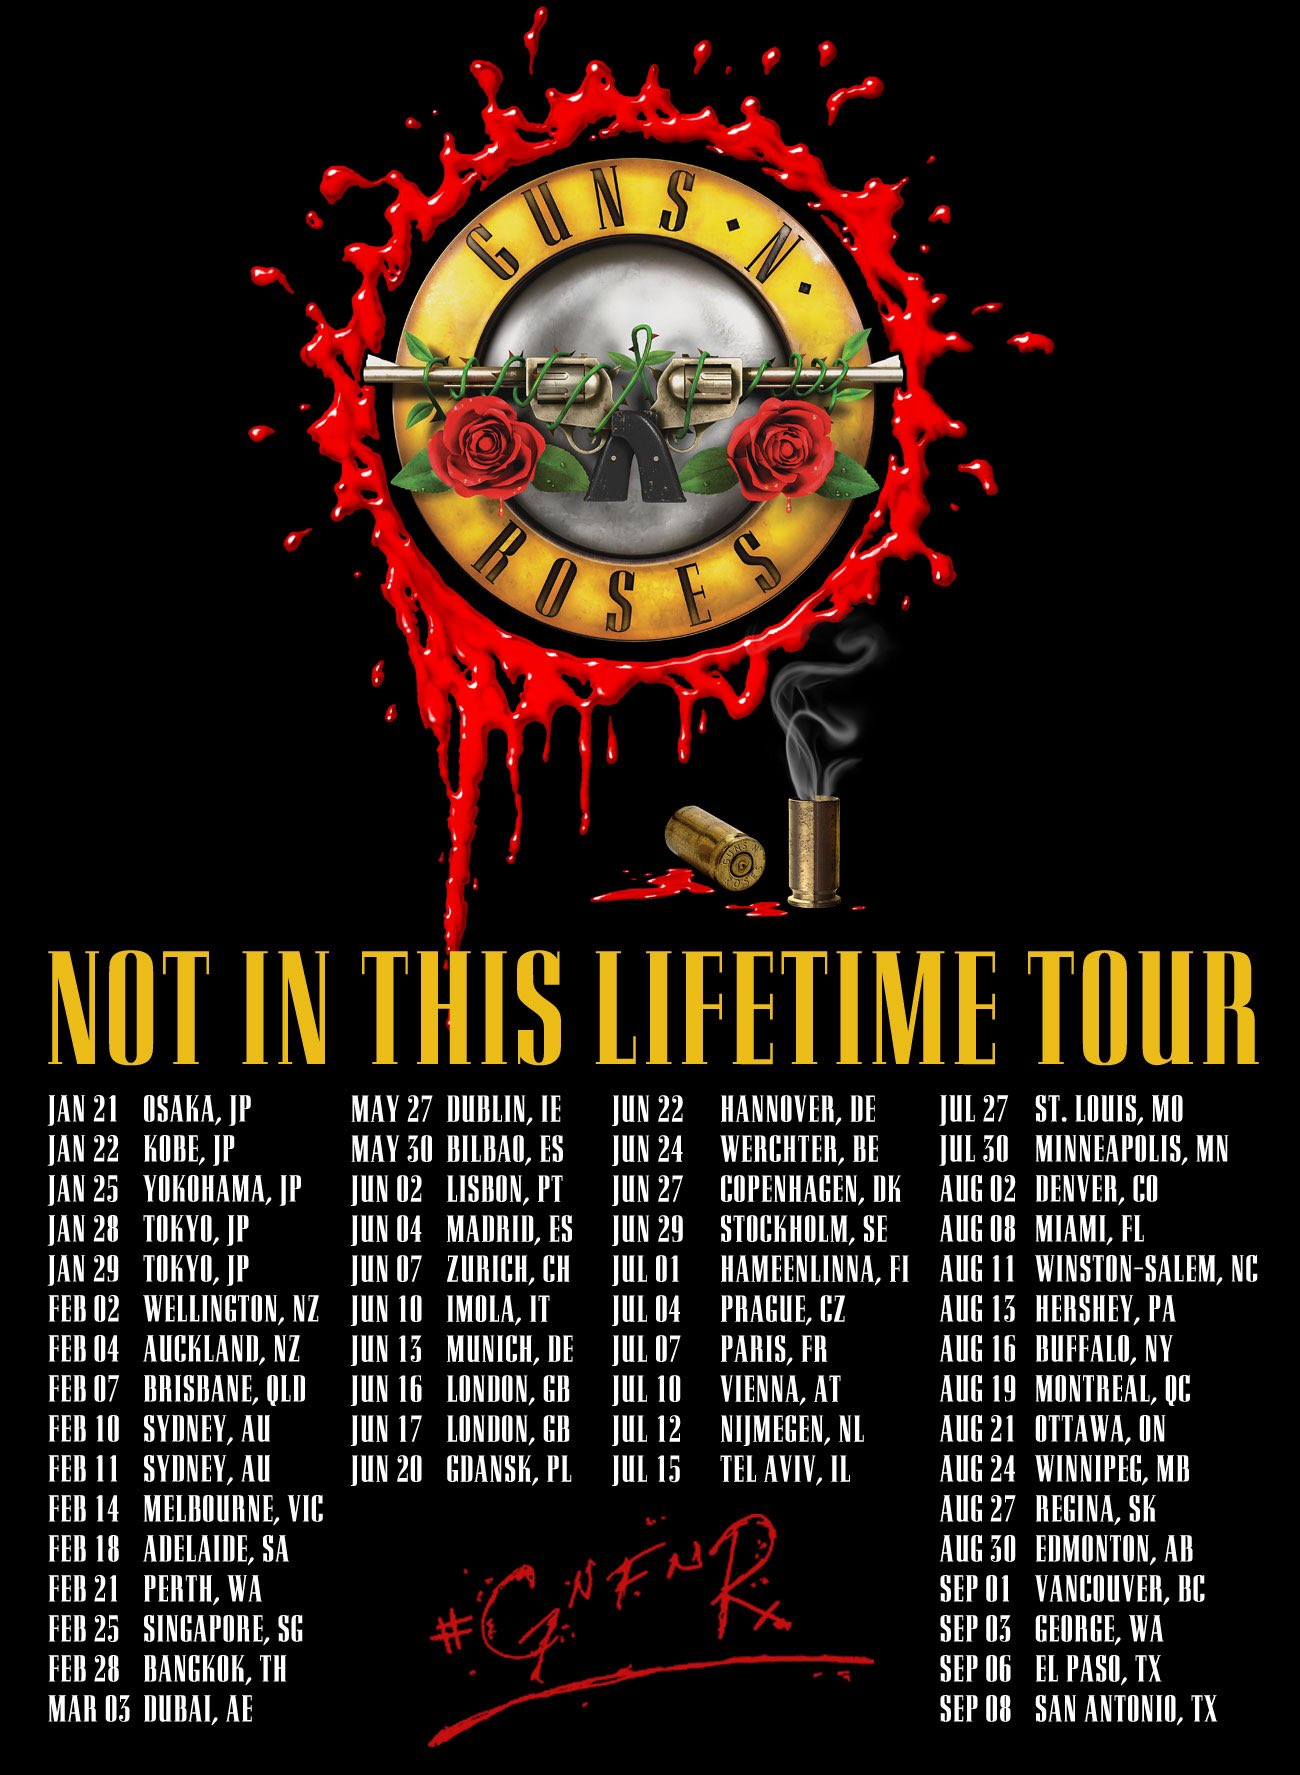 guns n 39 roses on twitter gnfnr notinthislifetime tour 2017 tickets on sale now https t